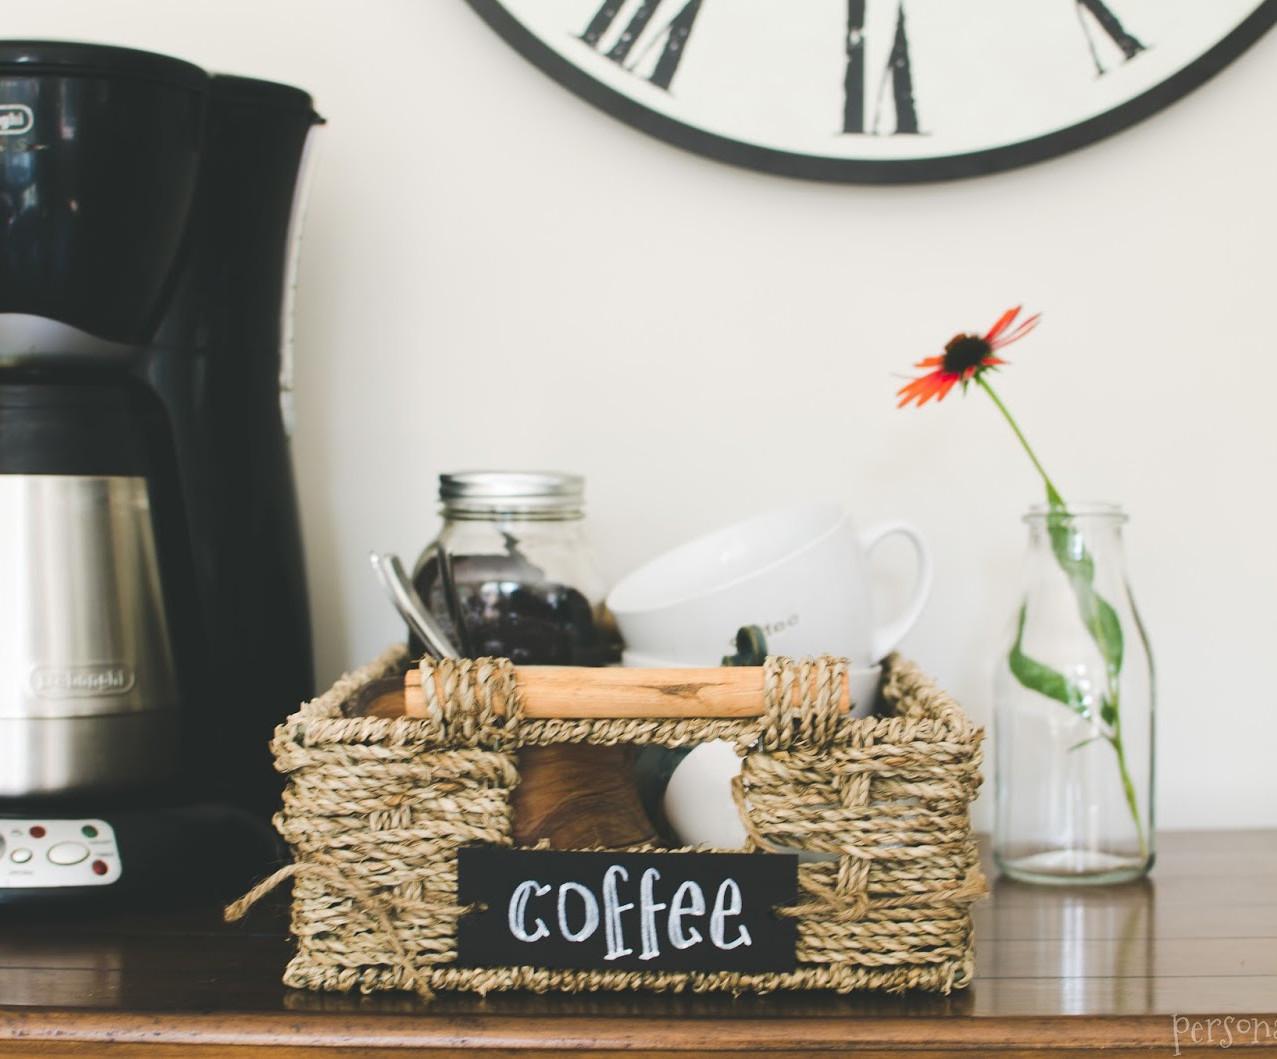 Café organizado